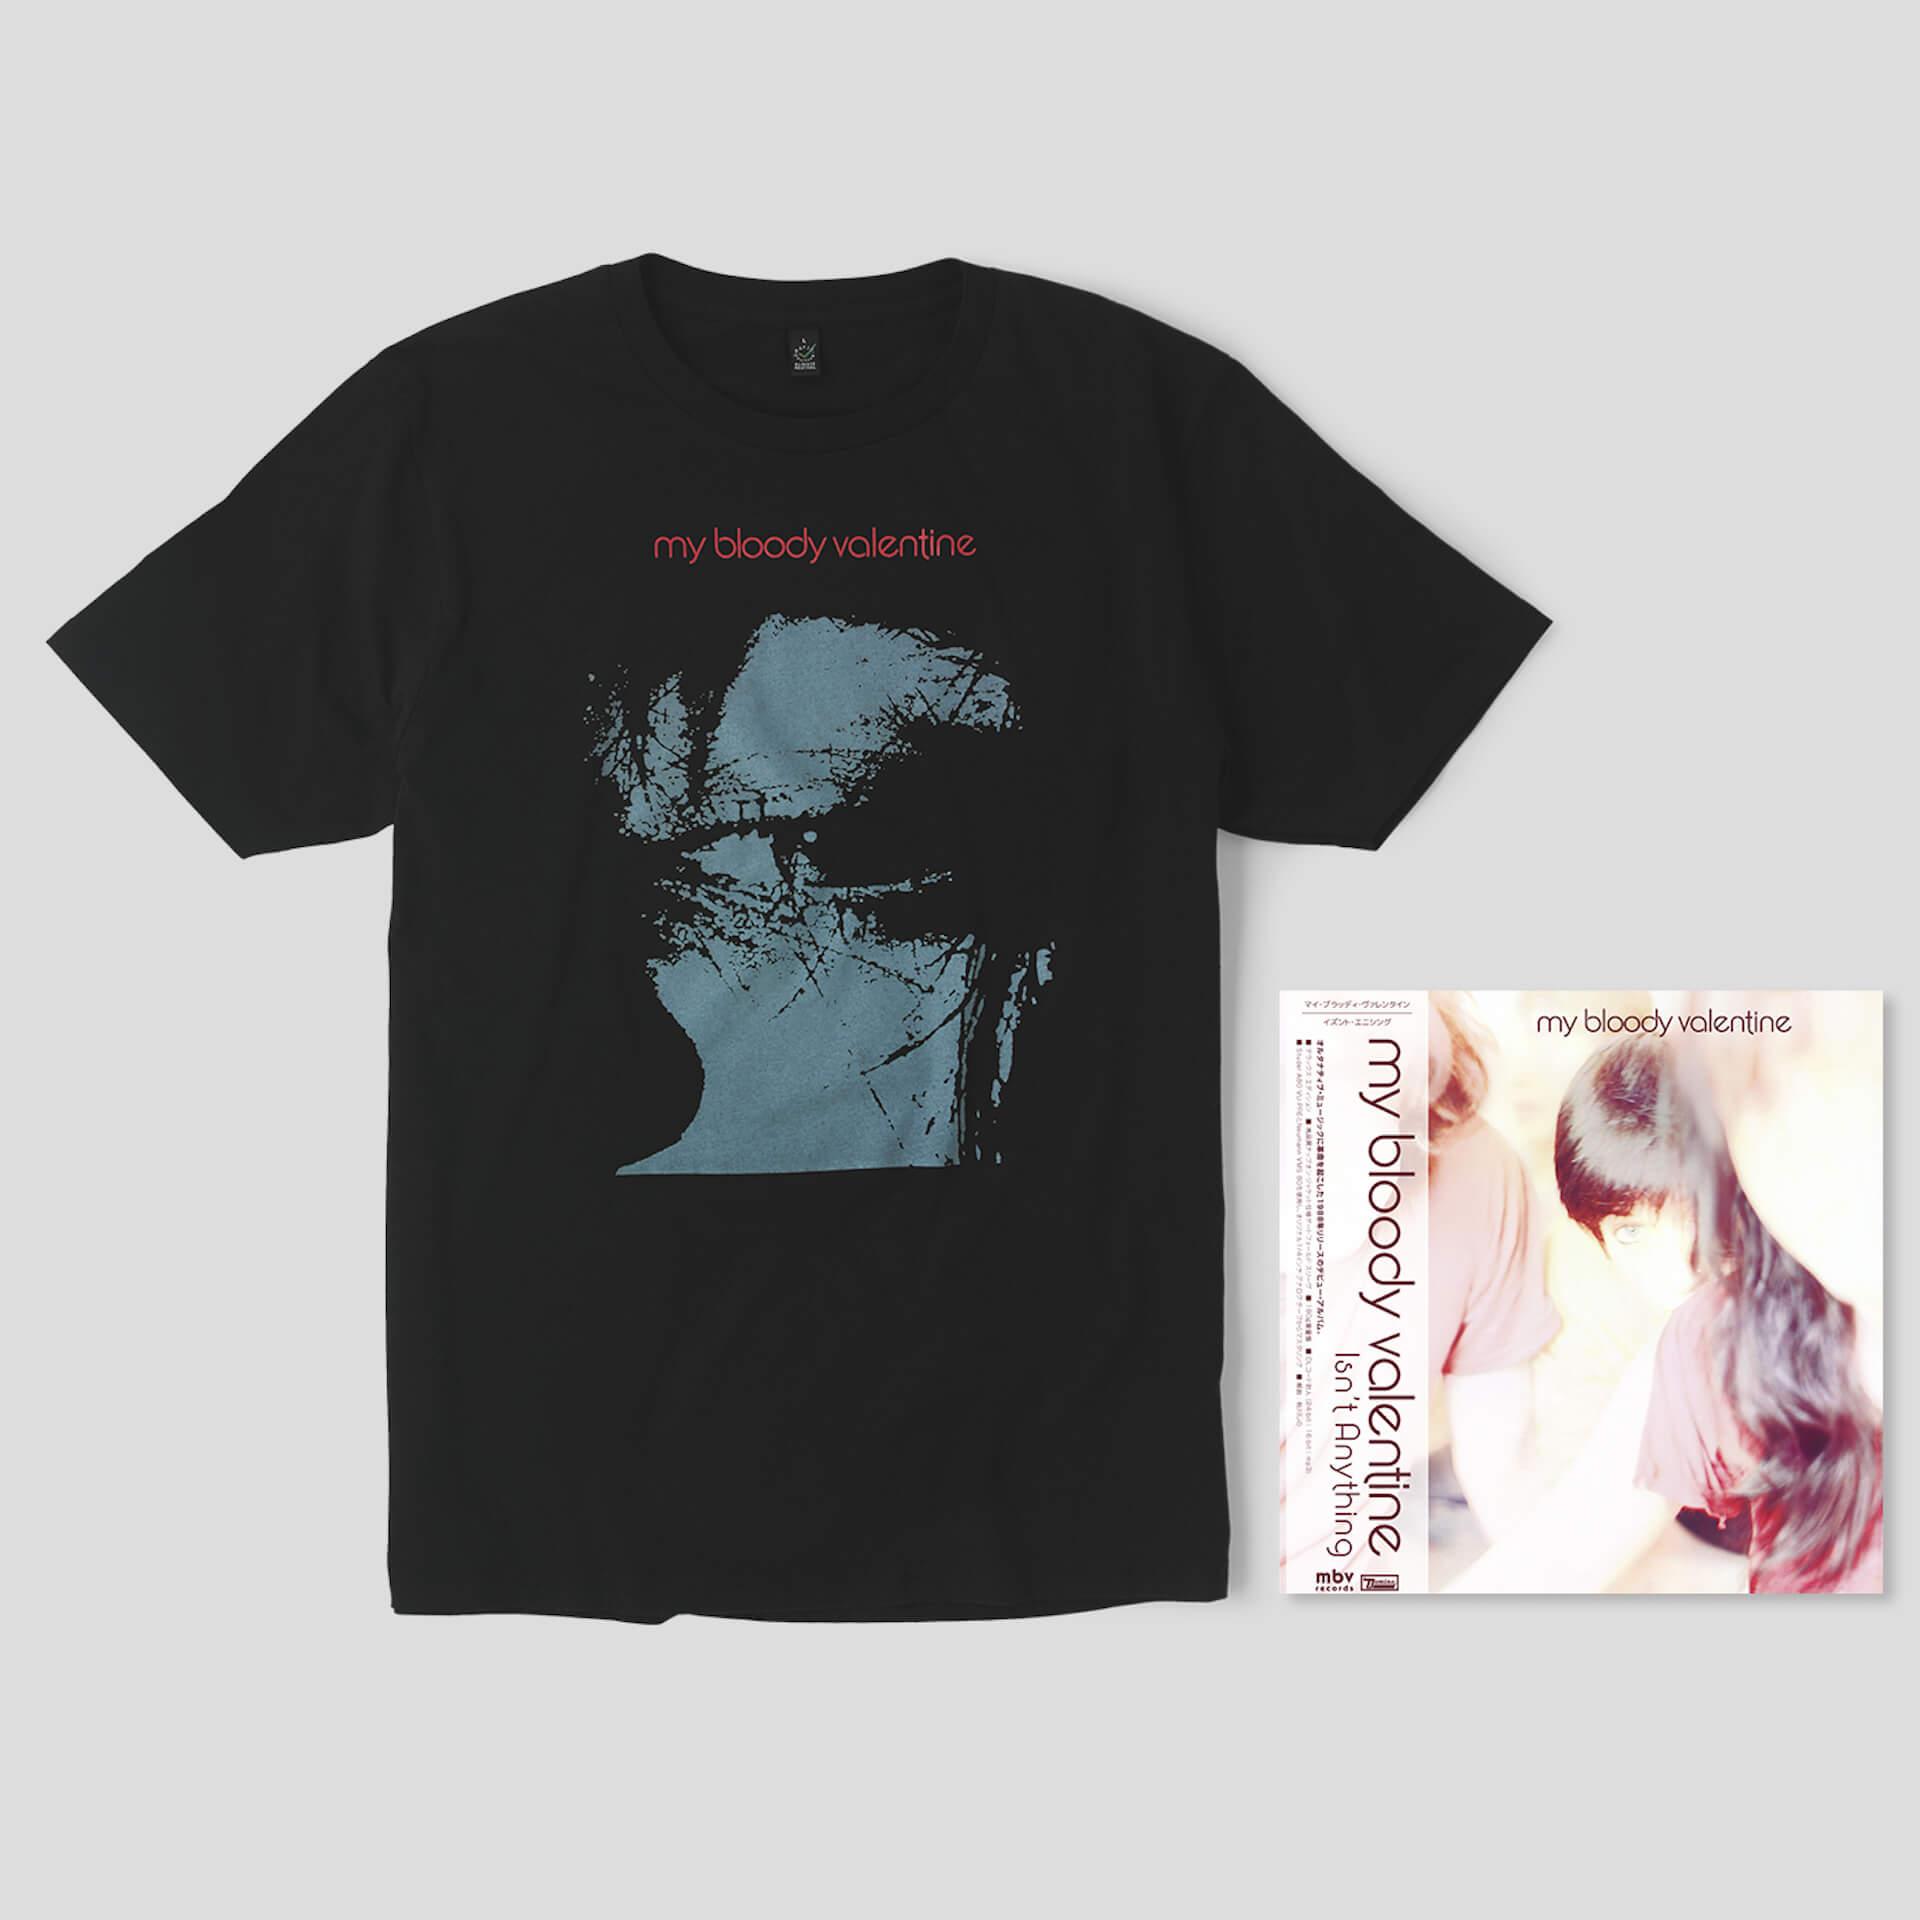 My Bloody Valentine新装盤CDとLPがいよいよ今週発売!レコードショップ別の各種特典が解禁 music210517_mybloodyvalentine-210517_14